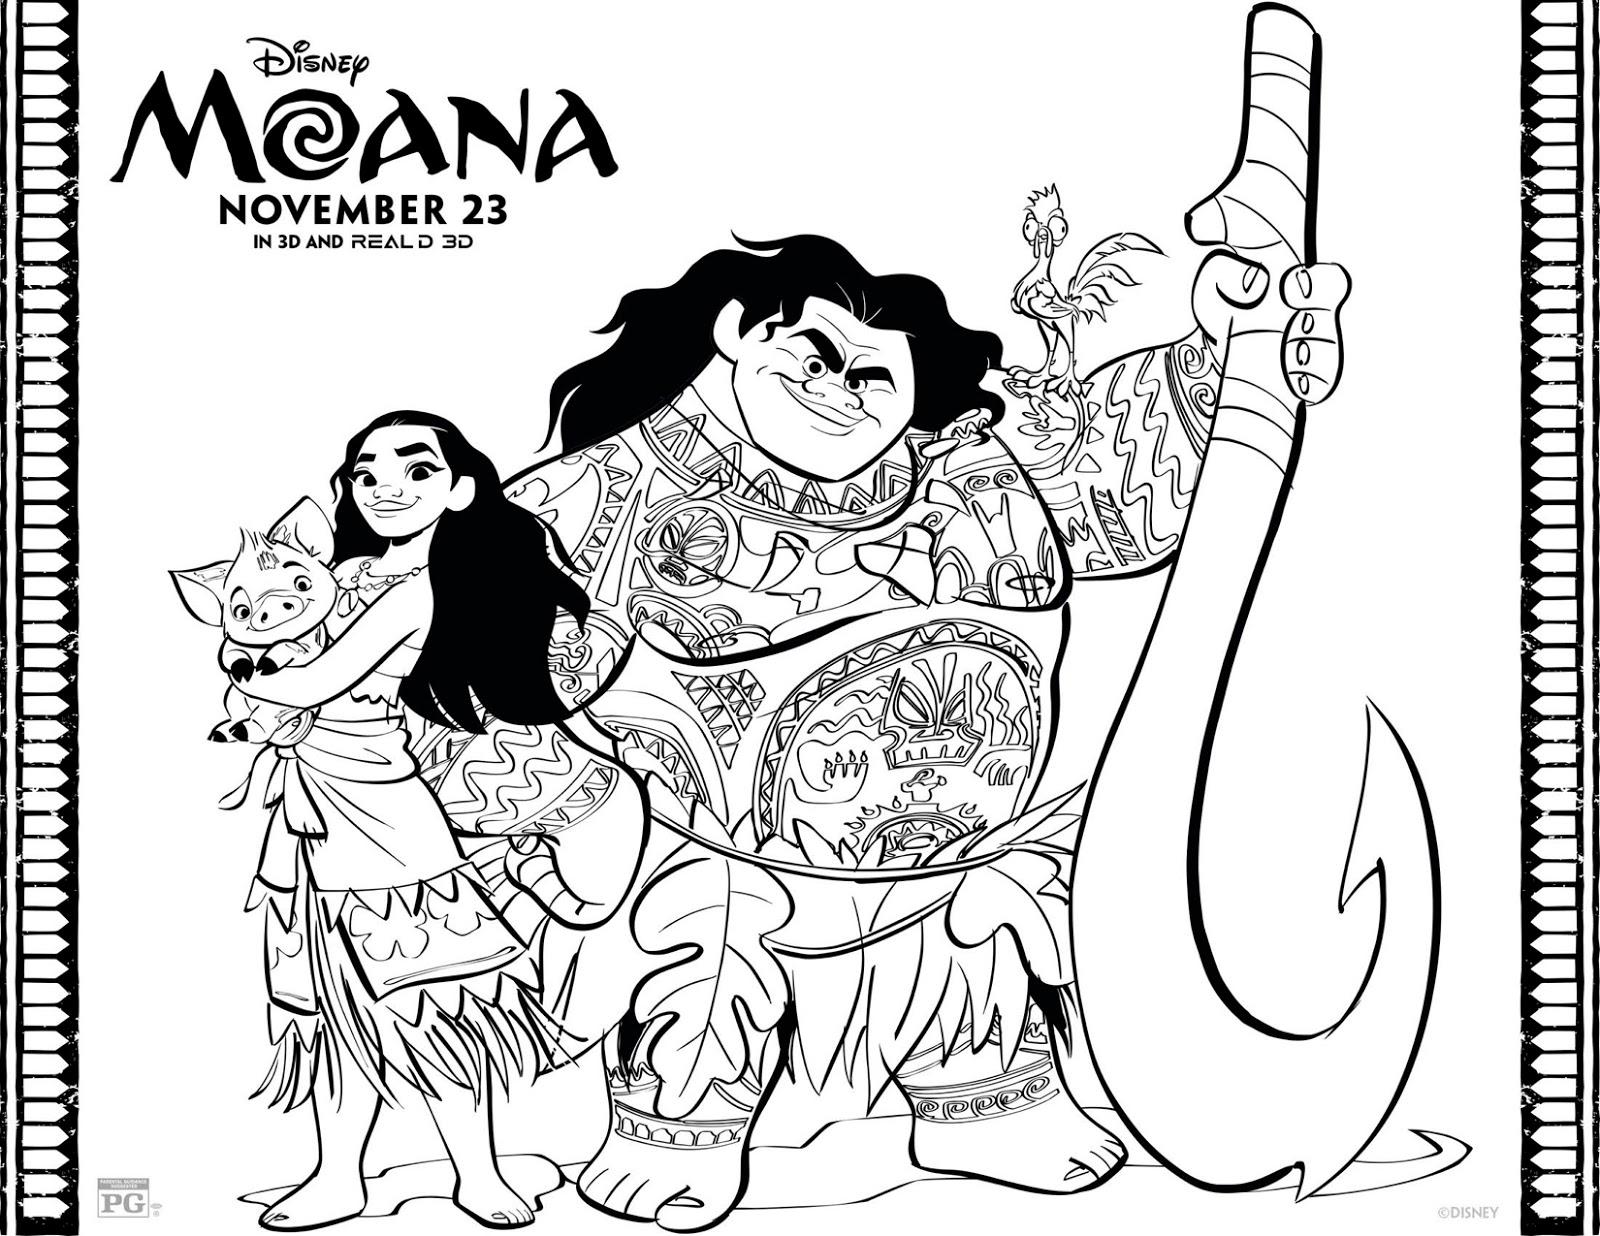 Excepcional Jogo Desenhos de Moana, princesa Disney para colorir, pintar  WI54